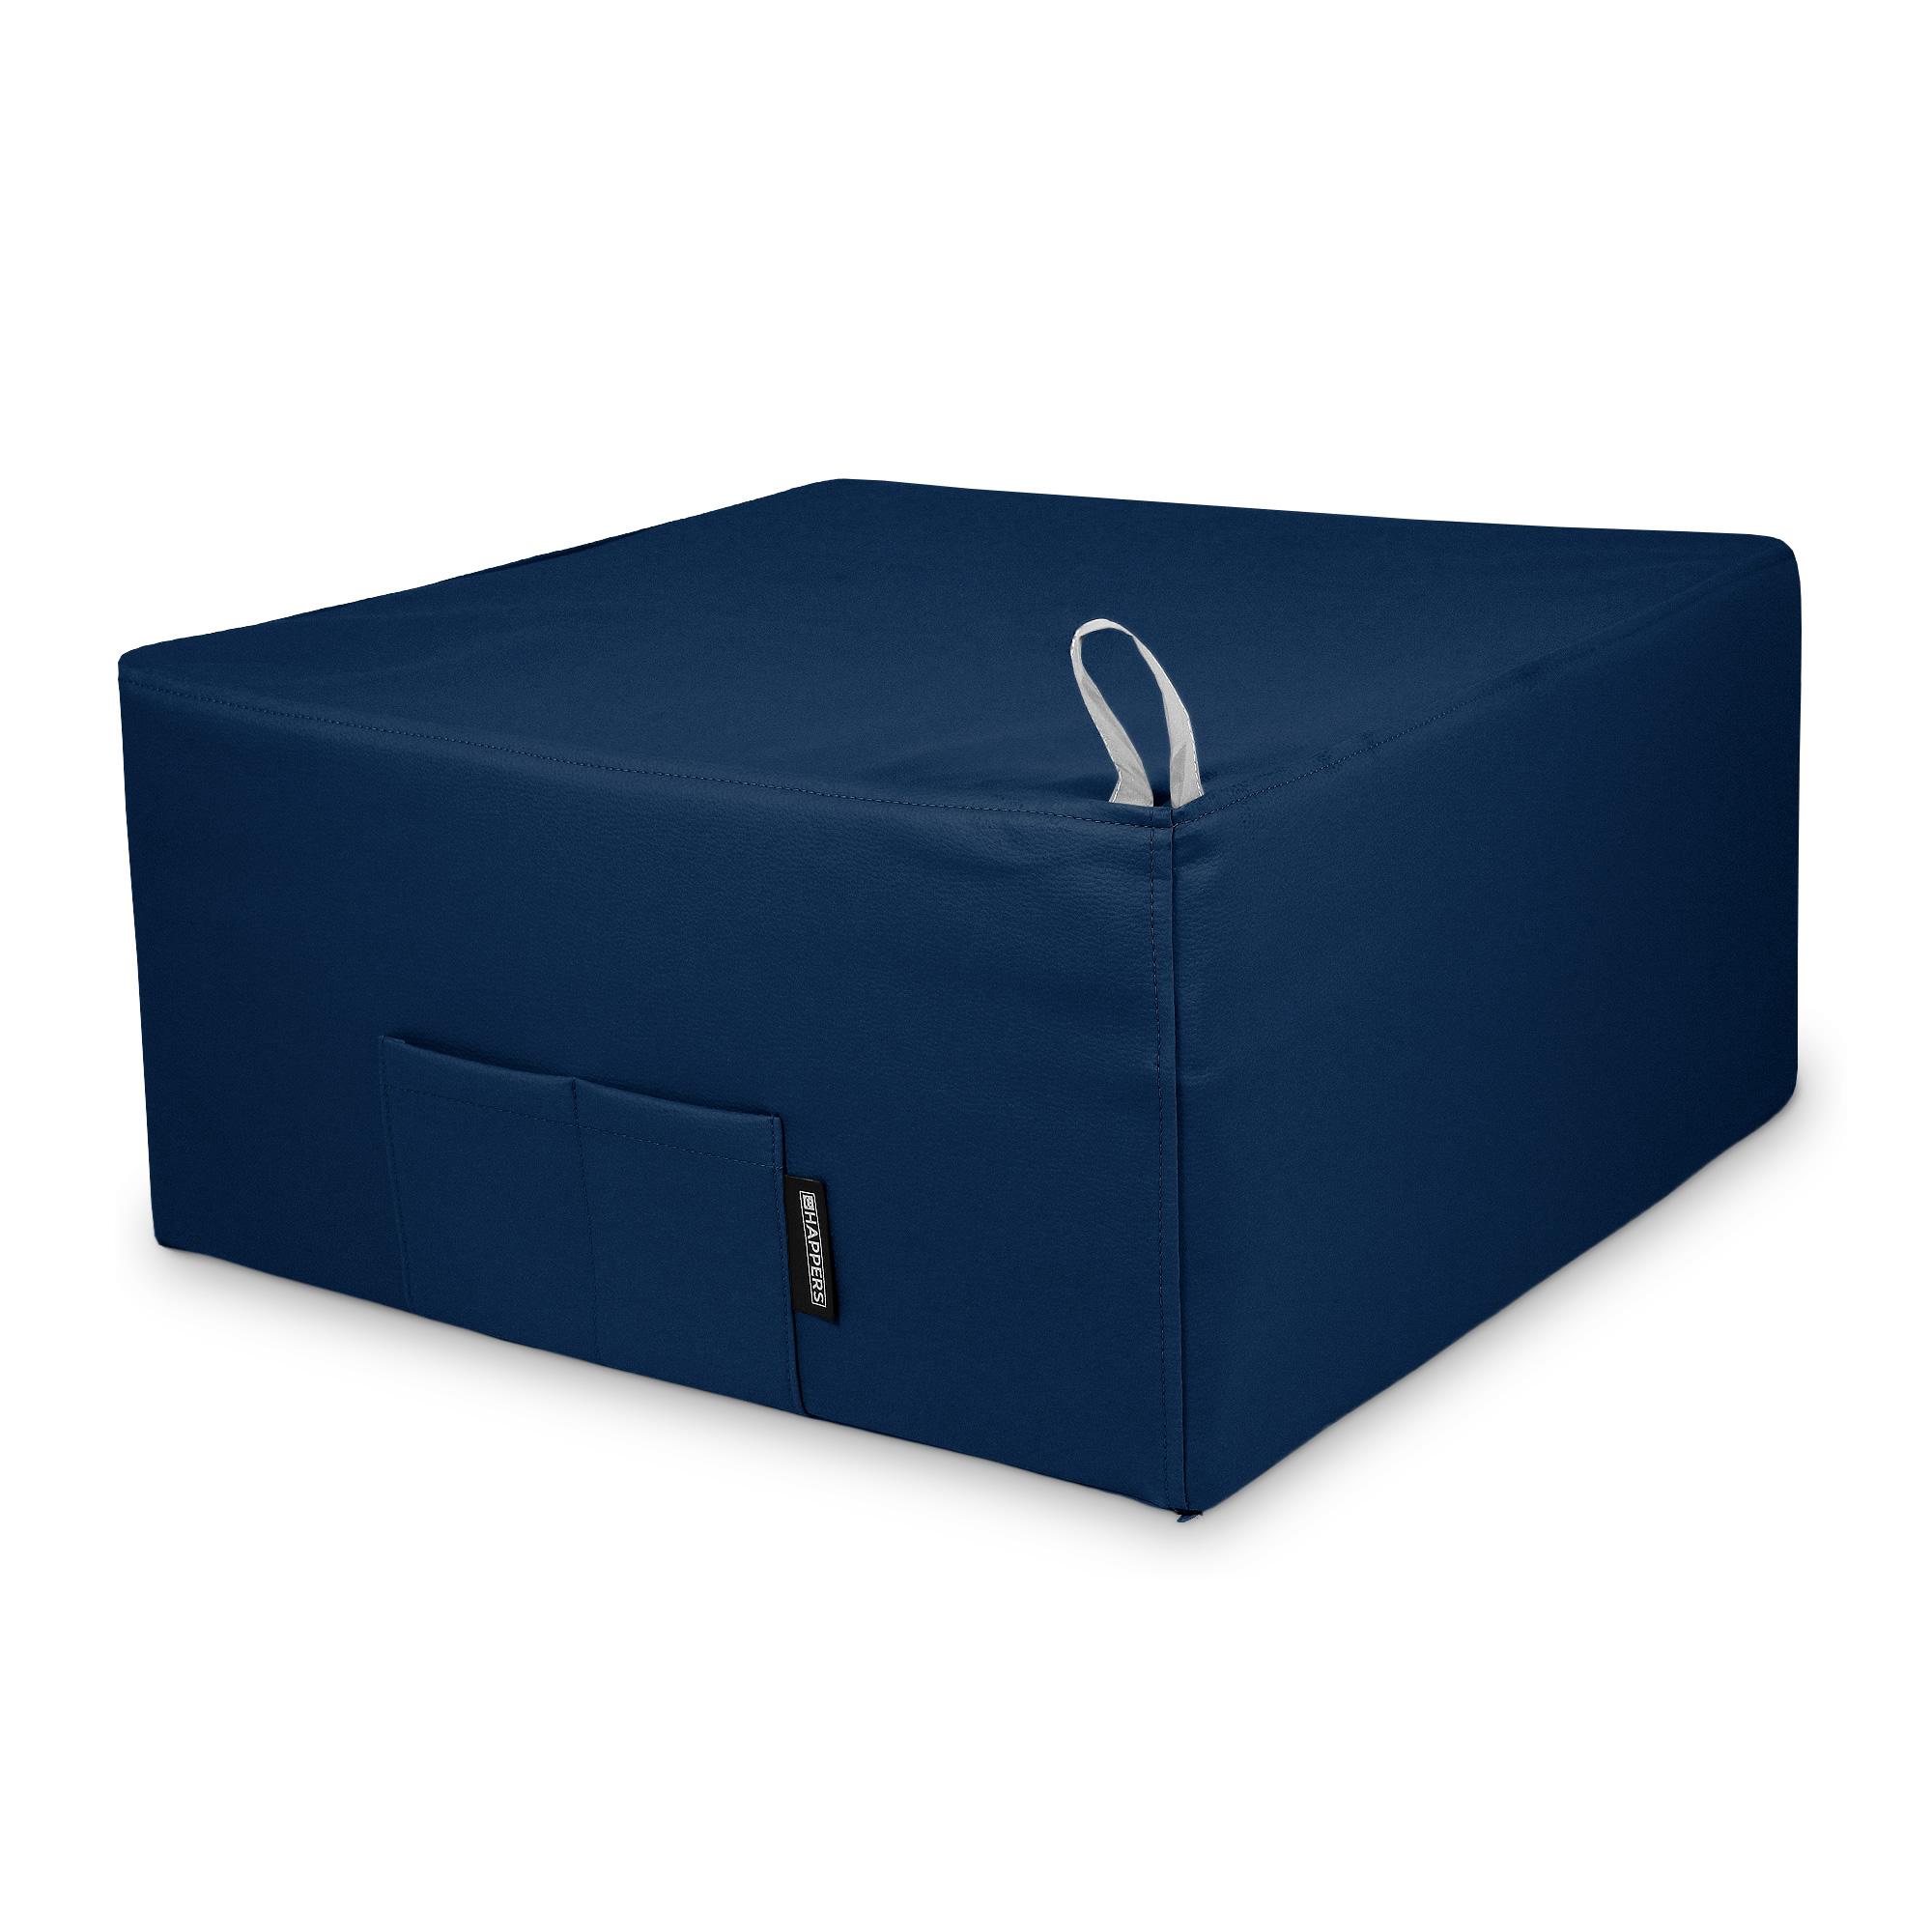 Puff Cama Individual para una persona Polipiel Indoor Azul Happers